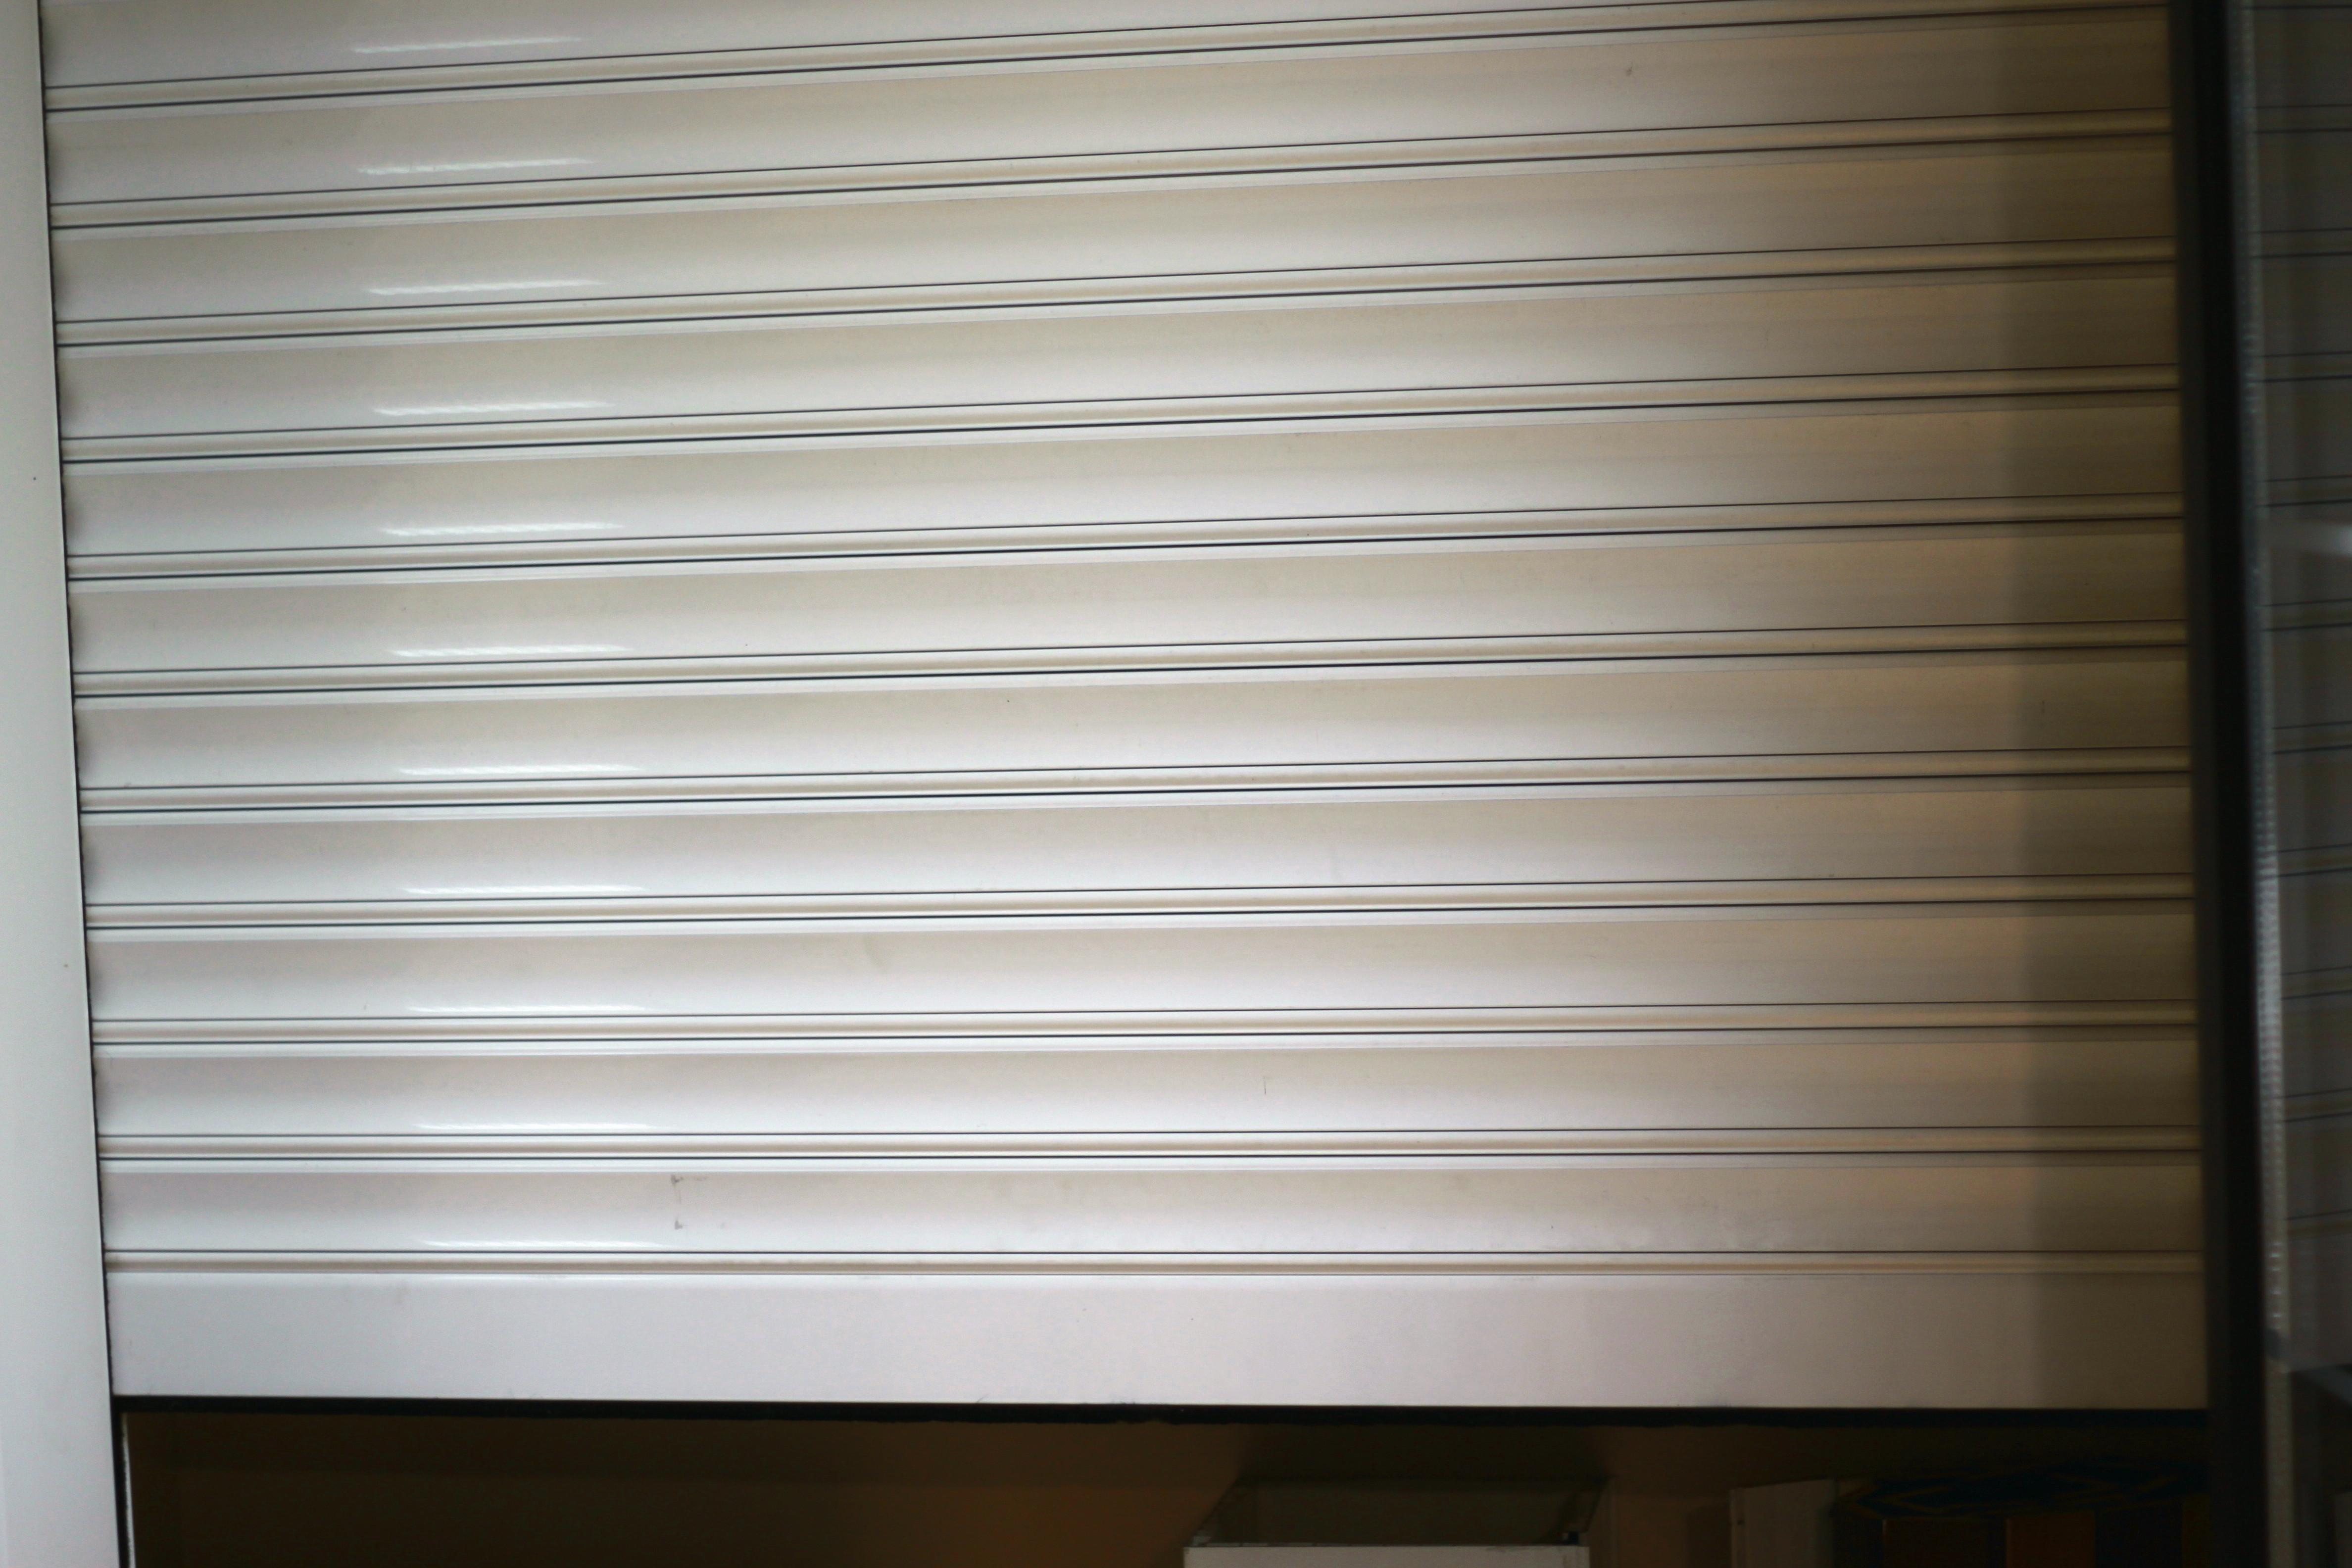 Fabricaci n venta e instalaci n de persianas de seguridad for Persiana de aluminio